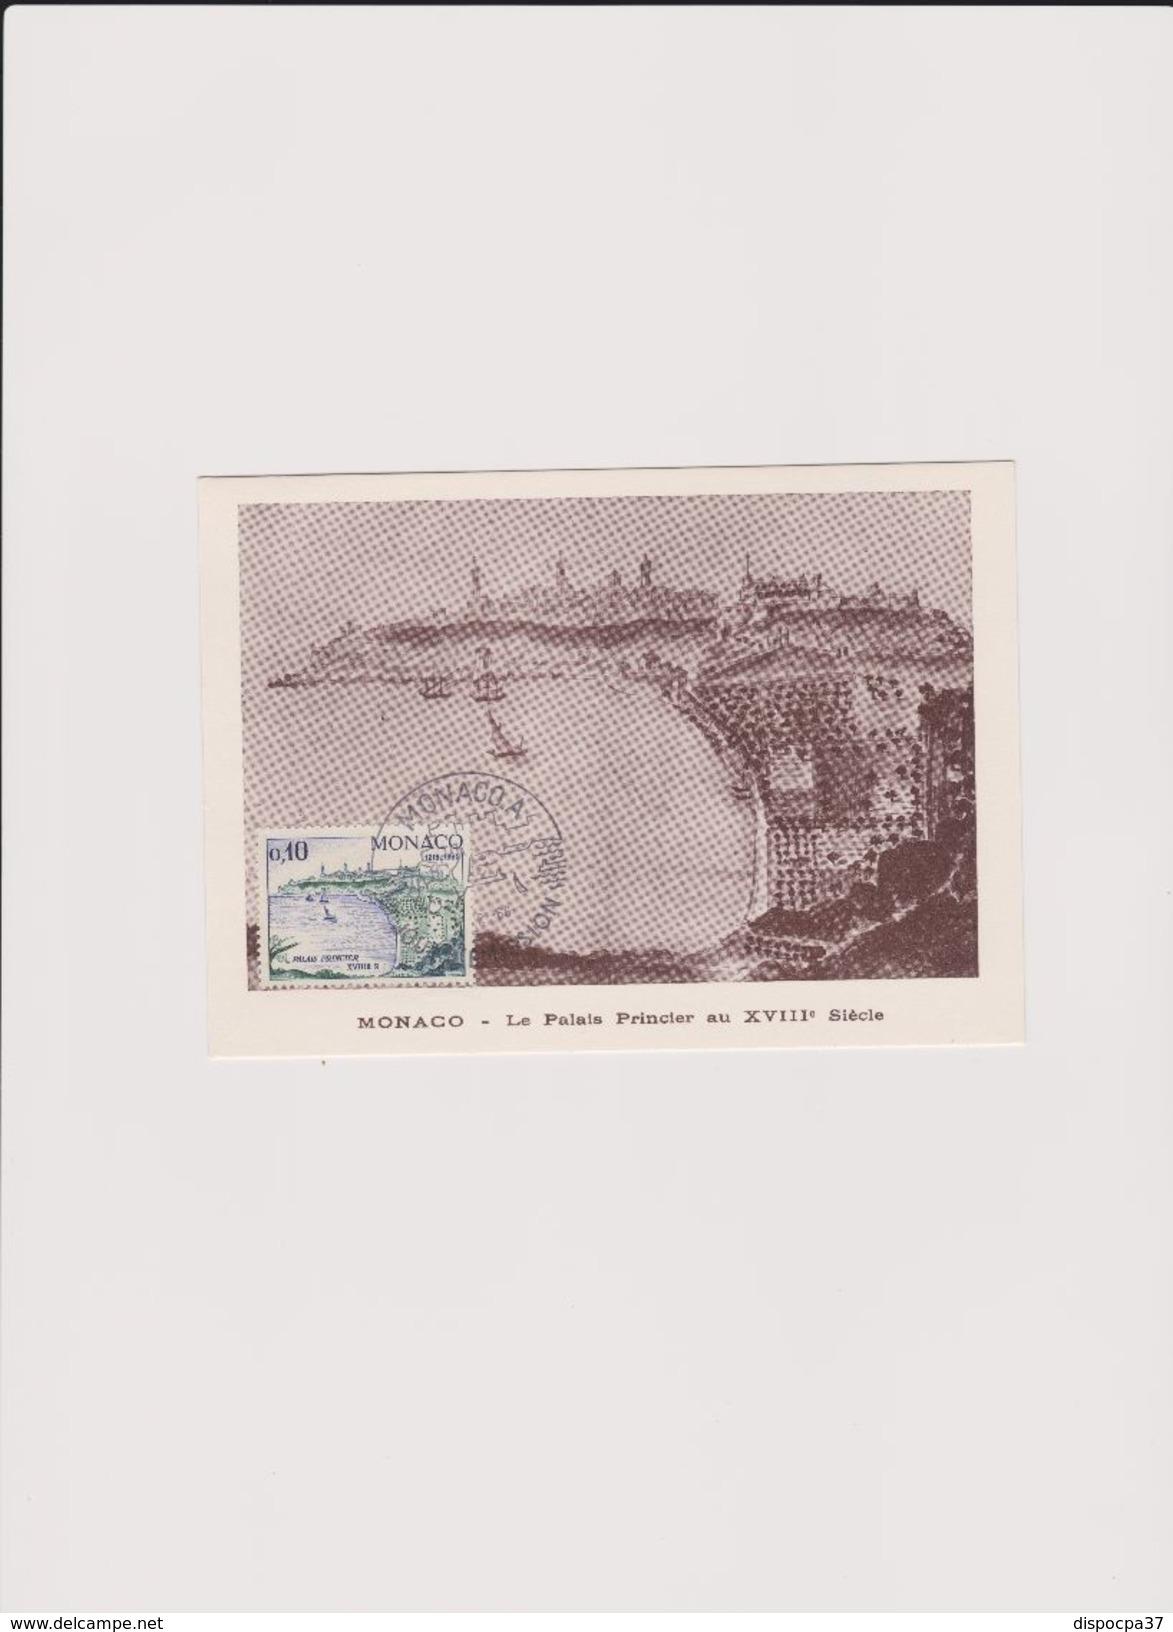 CARTE MAXIMUM 1er JOUR  01/02/1966- MONACO -  LE PALAIS PRINCIER AU XVIII° SIECLE - Y&T   N° 677 - Maximum Cards